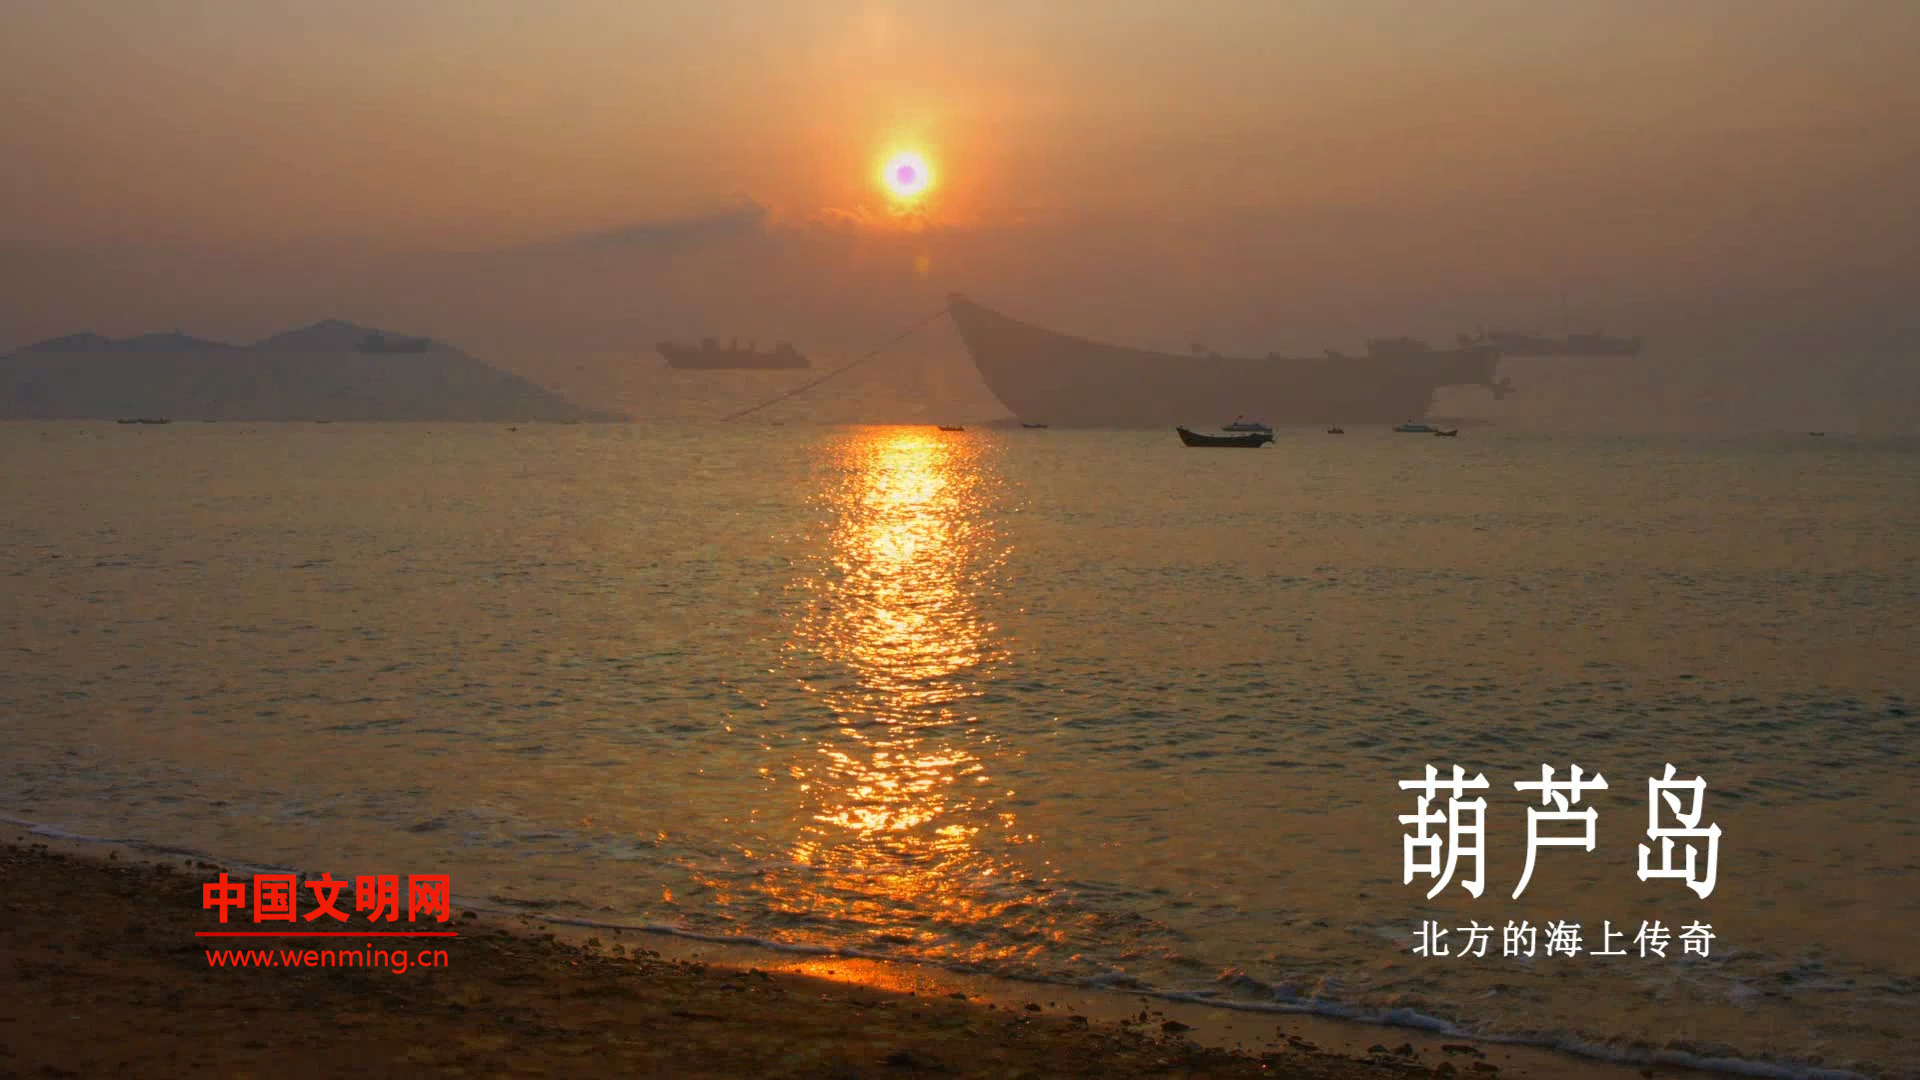 葫芦岛01.jpg